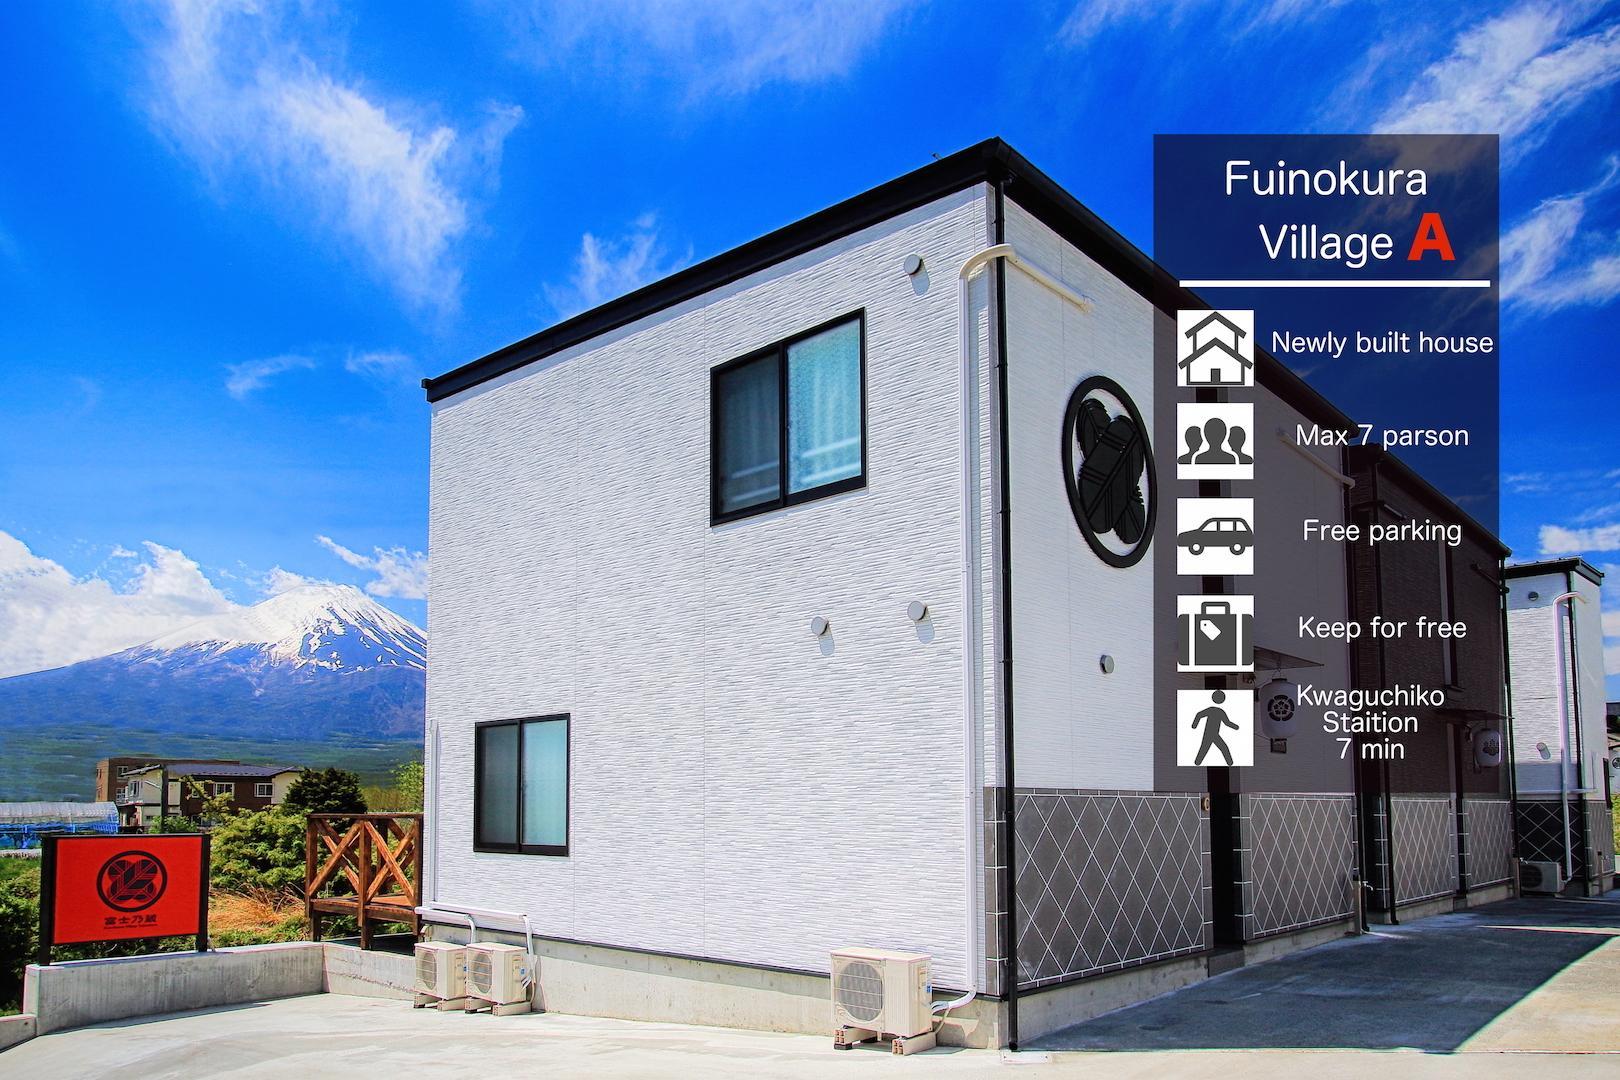 Fujinokura Village A